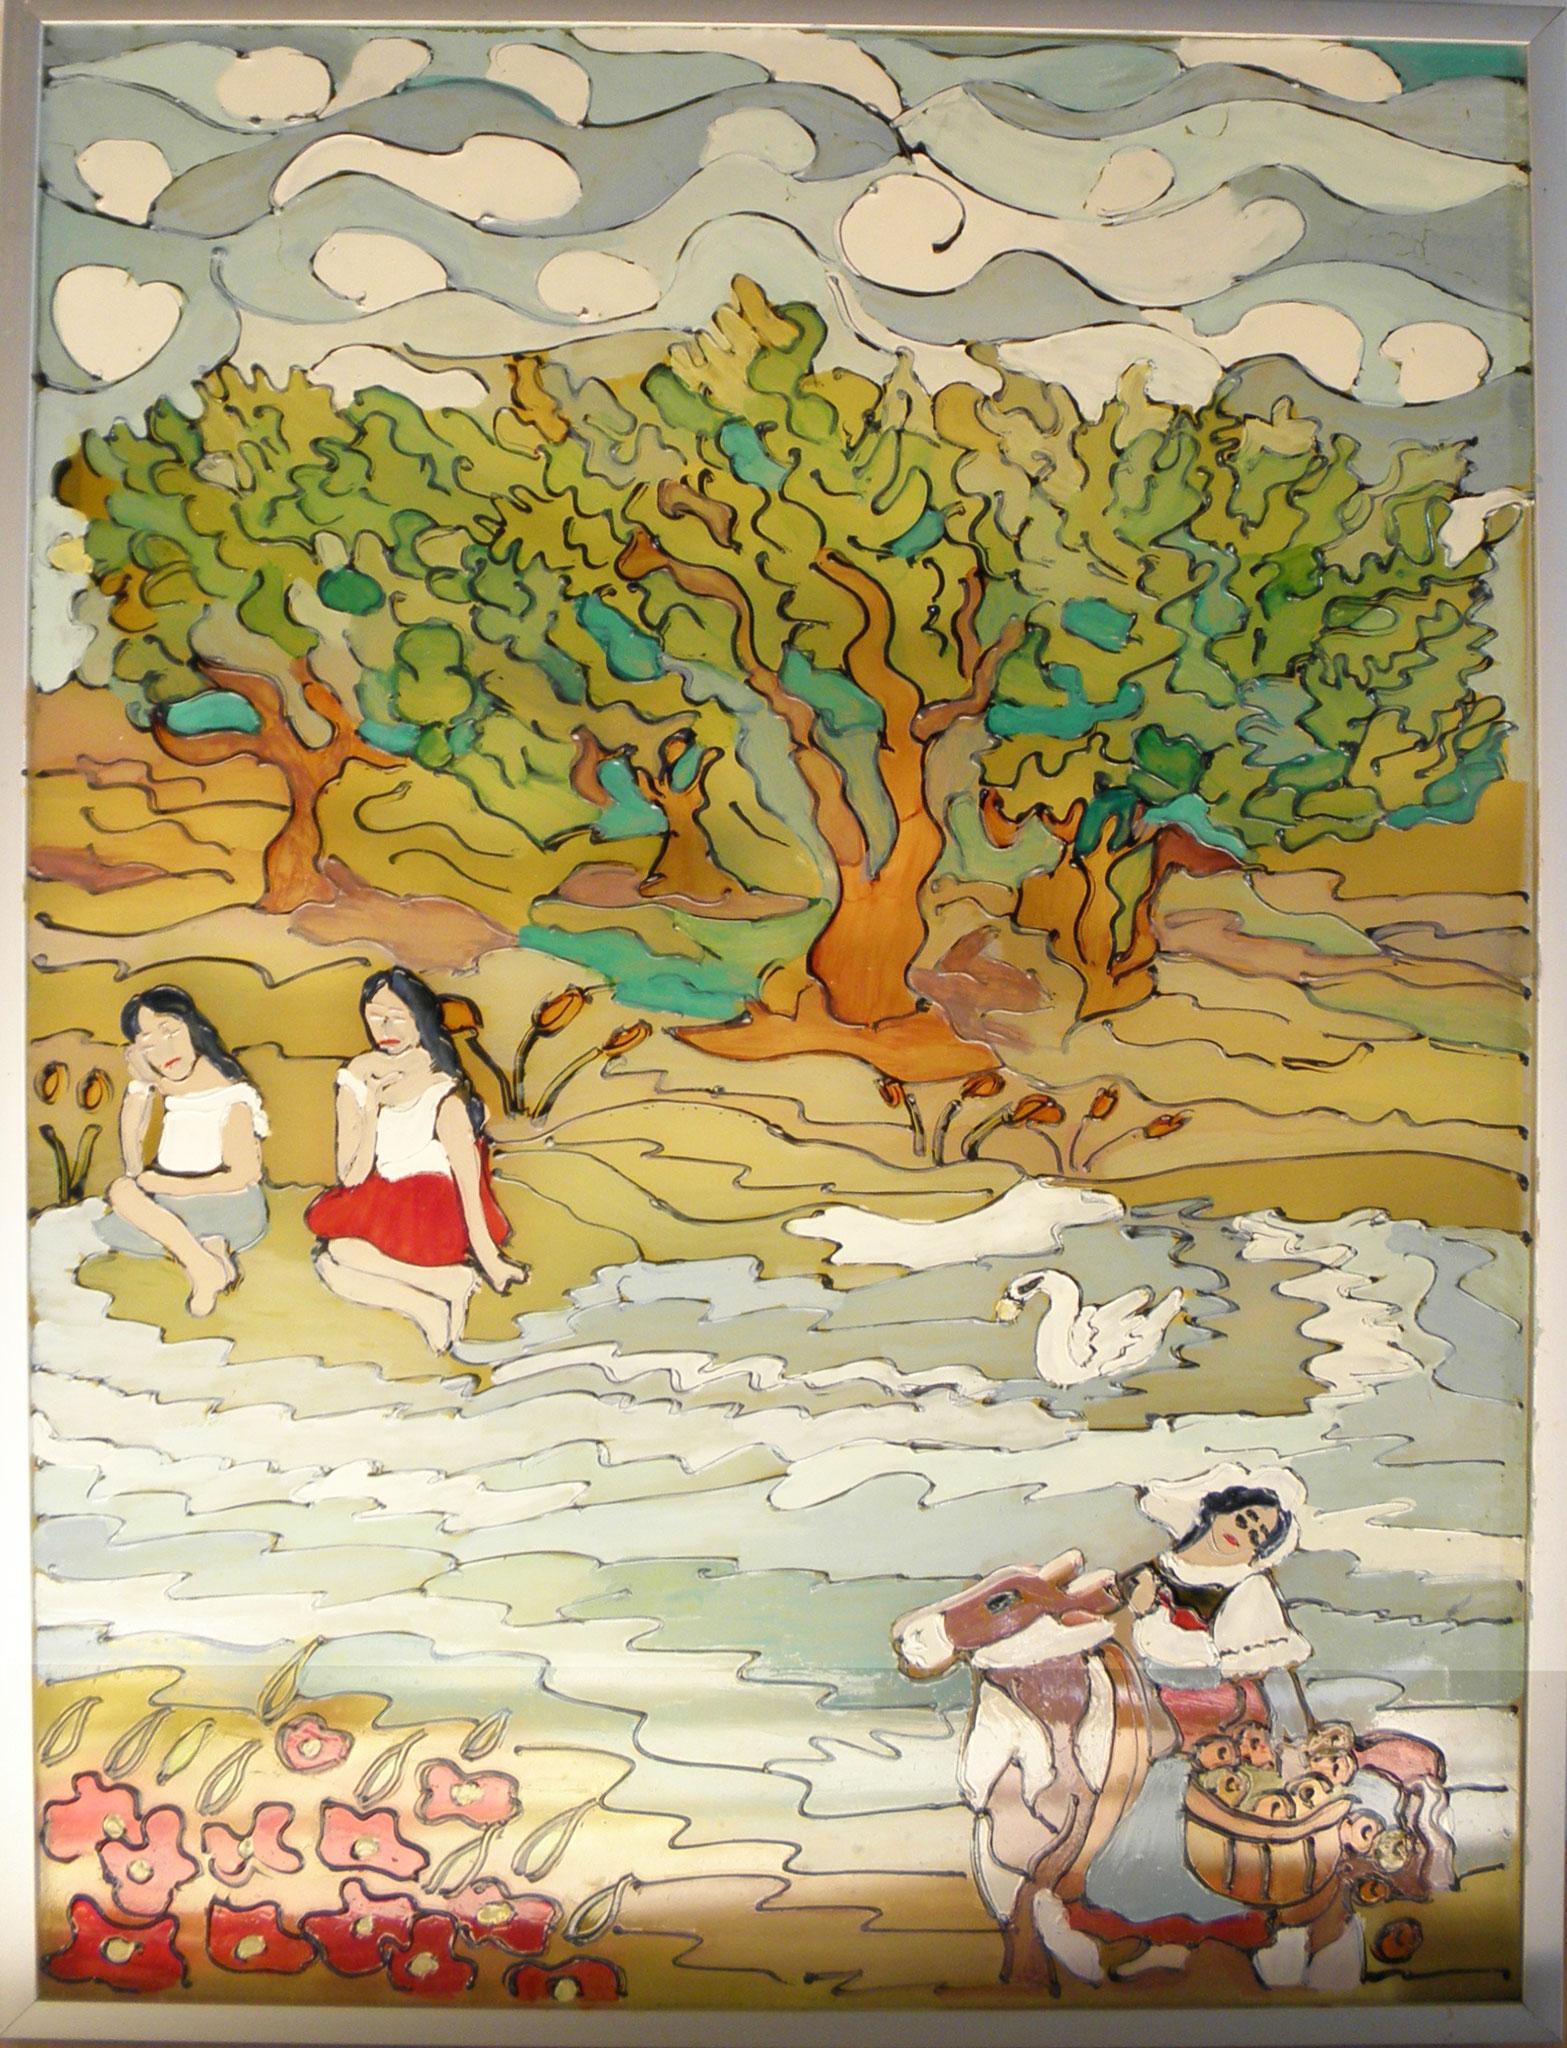 Opera n.14 - Pittura acrilico su vetro, cornice in legno - cm 41x31